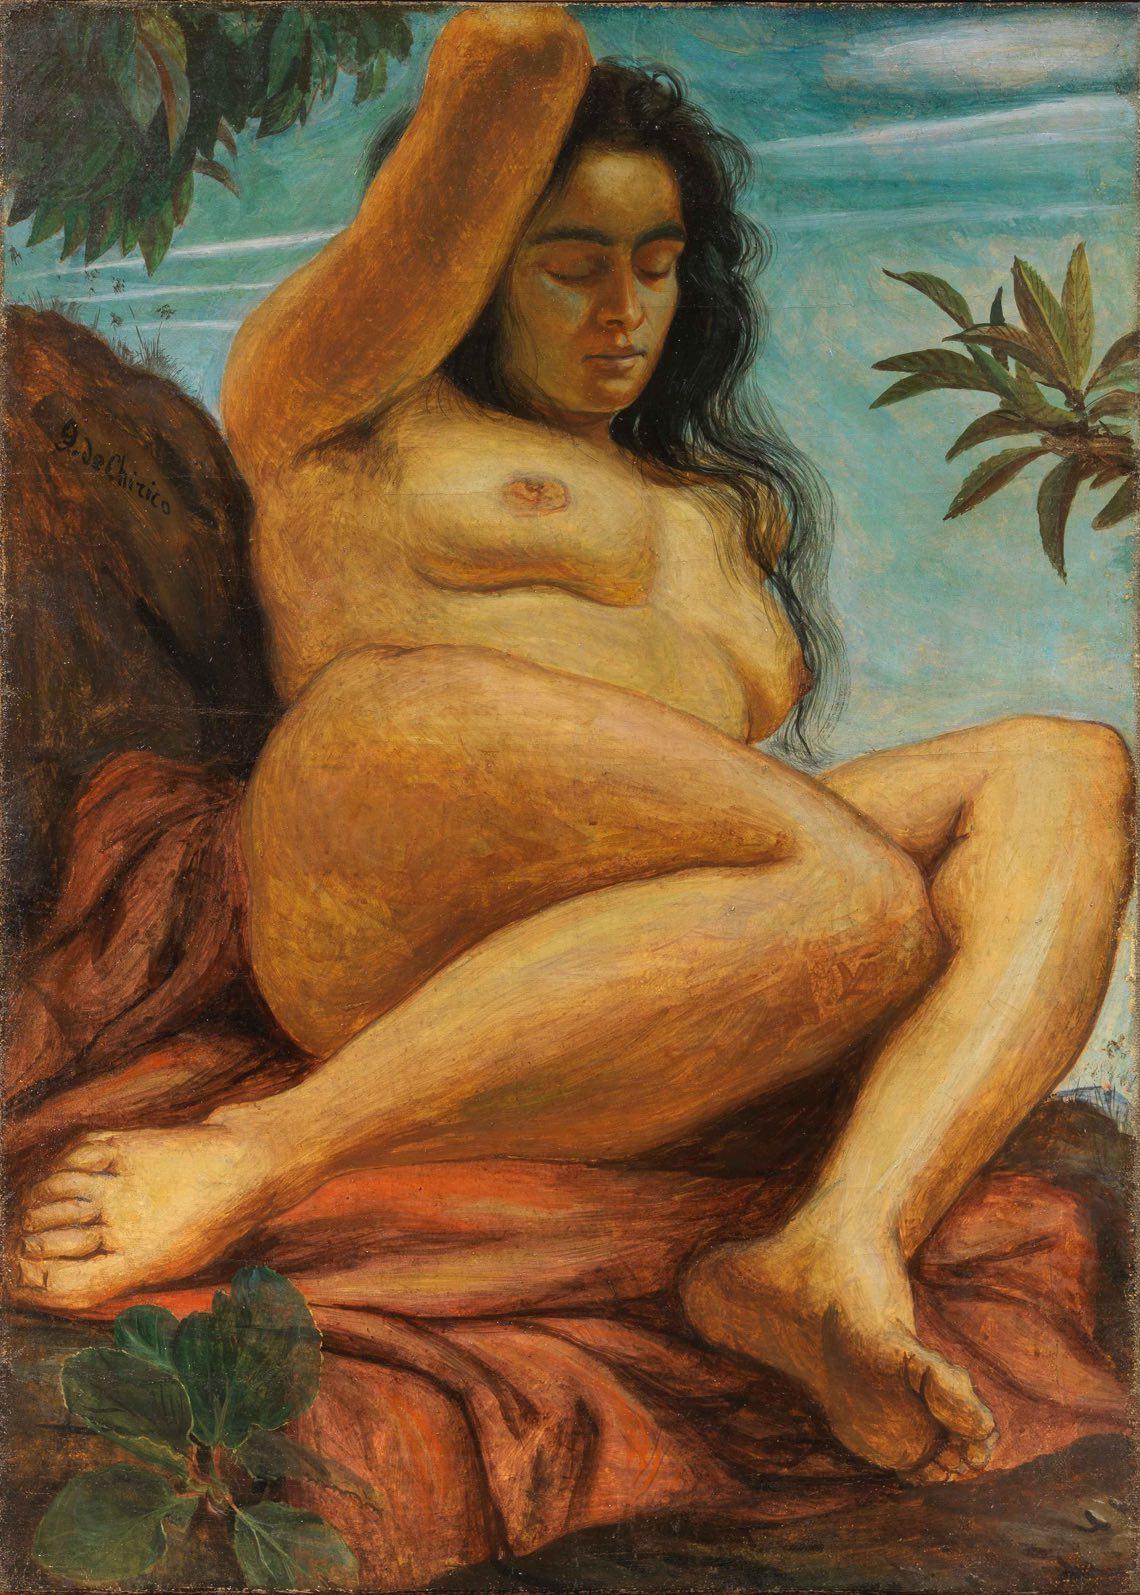 Giorgio-de-Chirico,-Nudo-femminile,-1923,-tempera-grassa-su-tela,-cm-84x